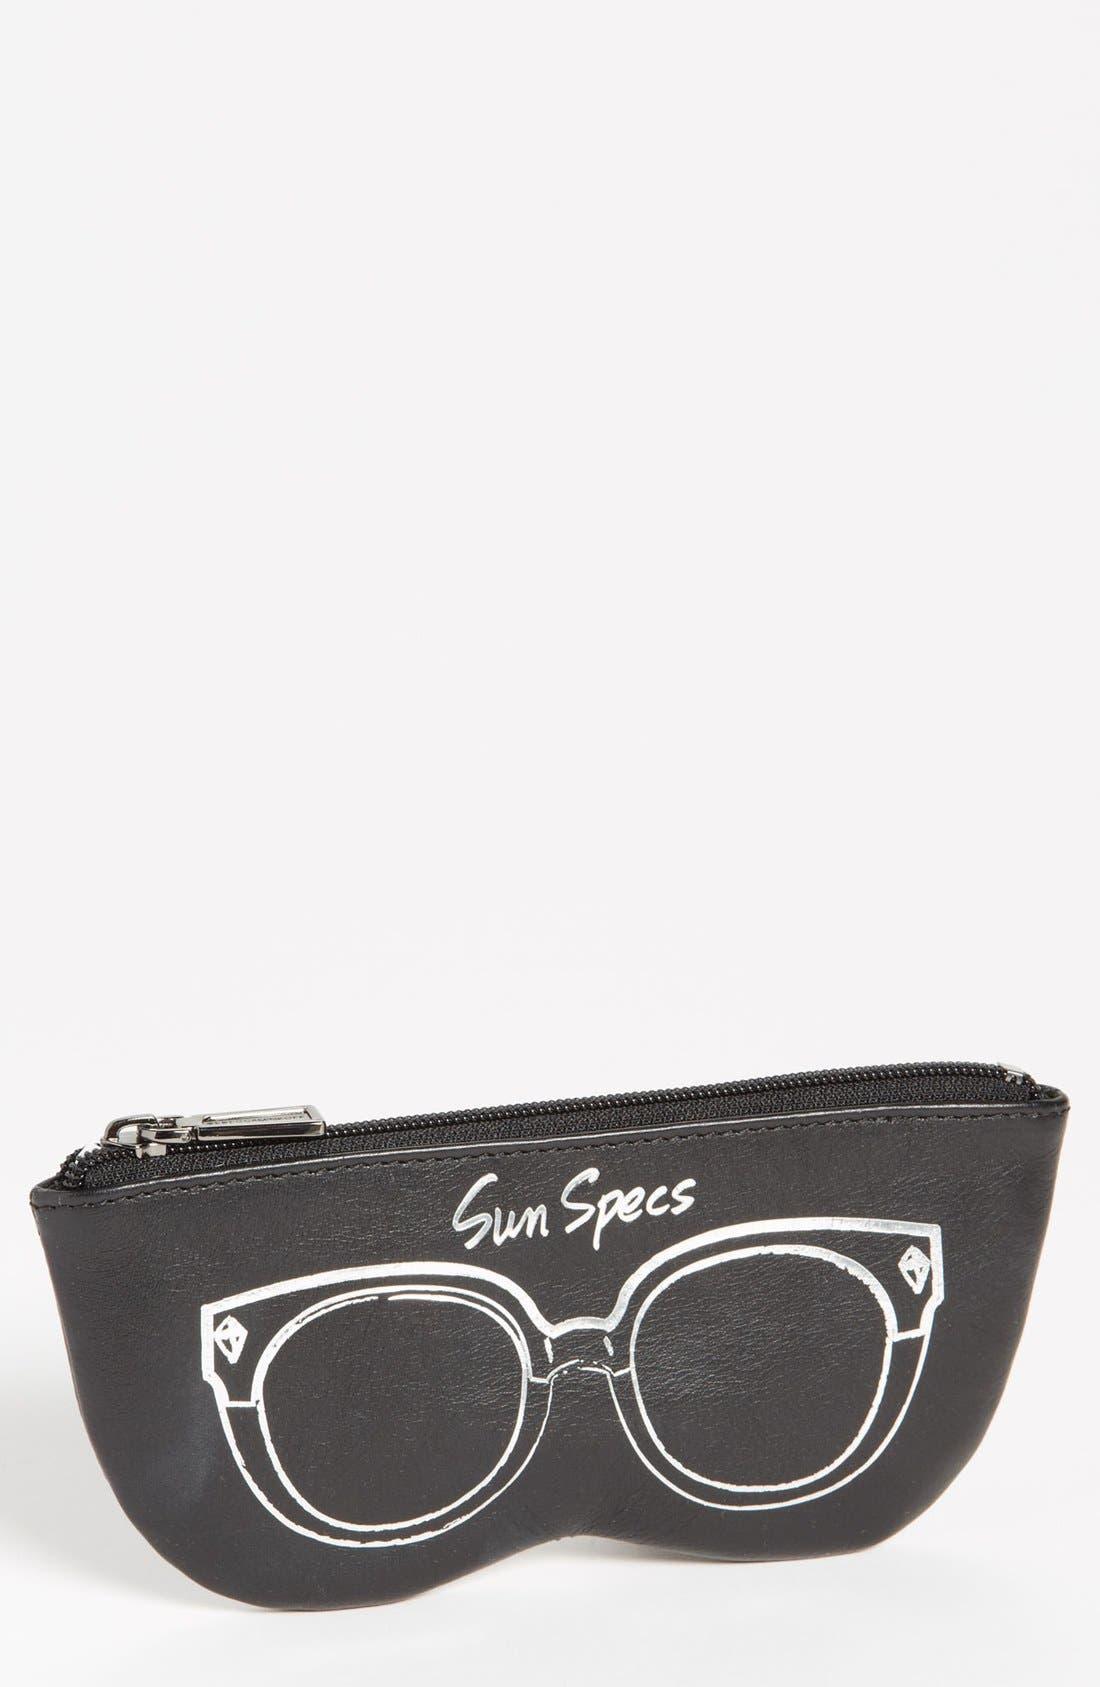 Main Image - Rebecca Minkoff 'Sun Specs' Leather Sunglasses Case